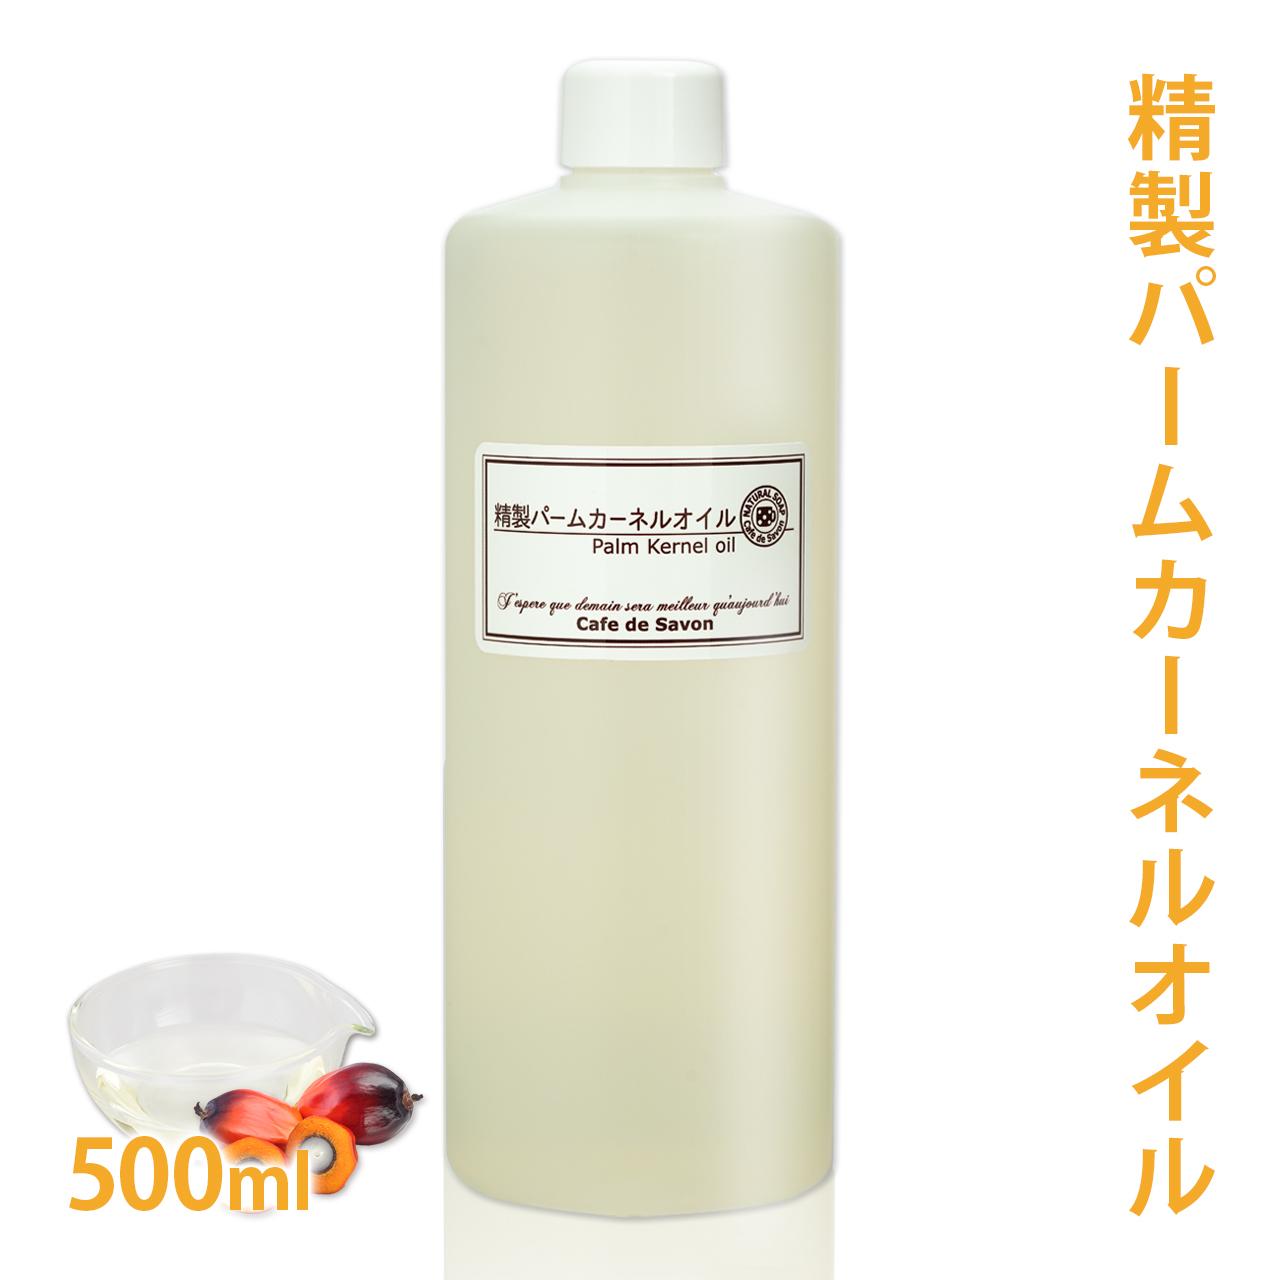 手作り石けんに欠かせないオイル 手作り石鹸 人気 材料 パーム核油 500ml 精製 人気ブランド多数対象 パームカーネルオイル